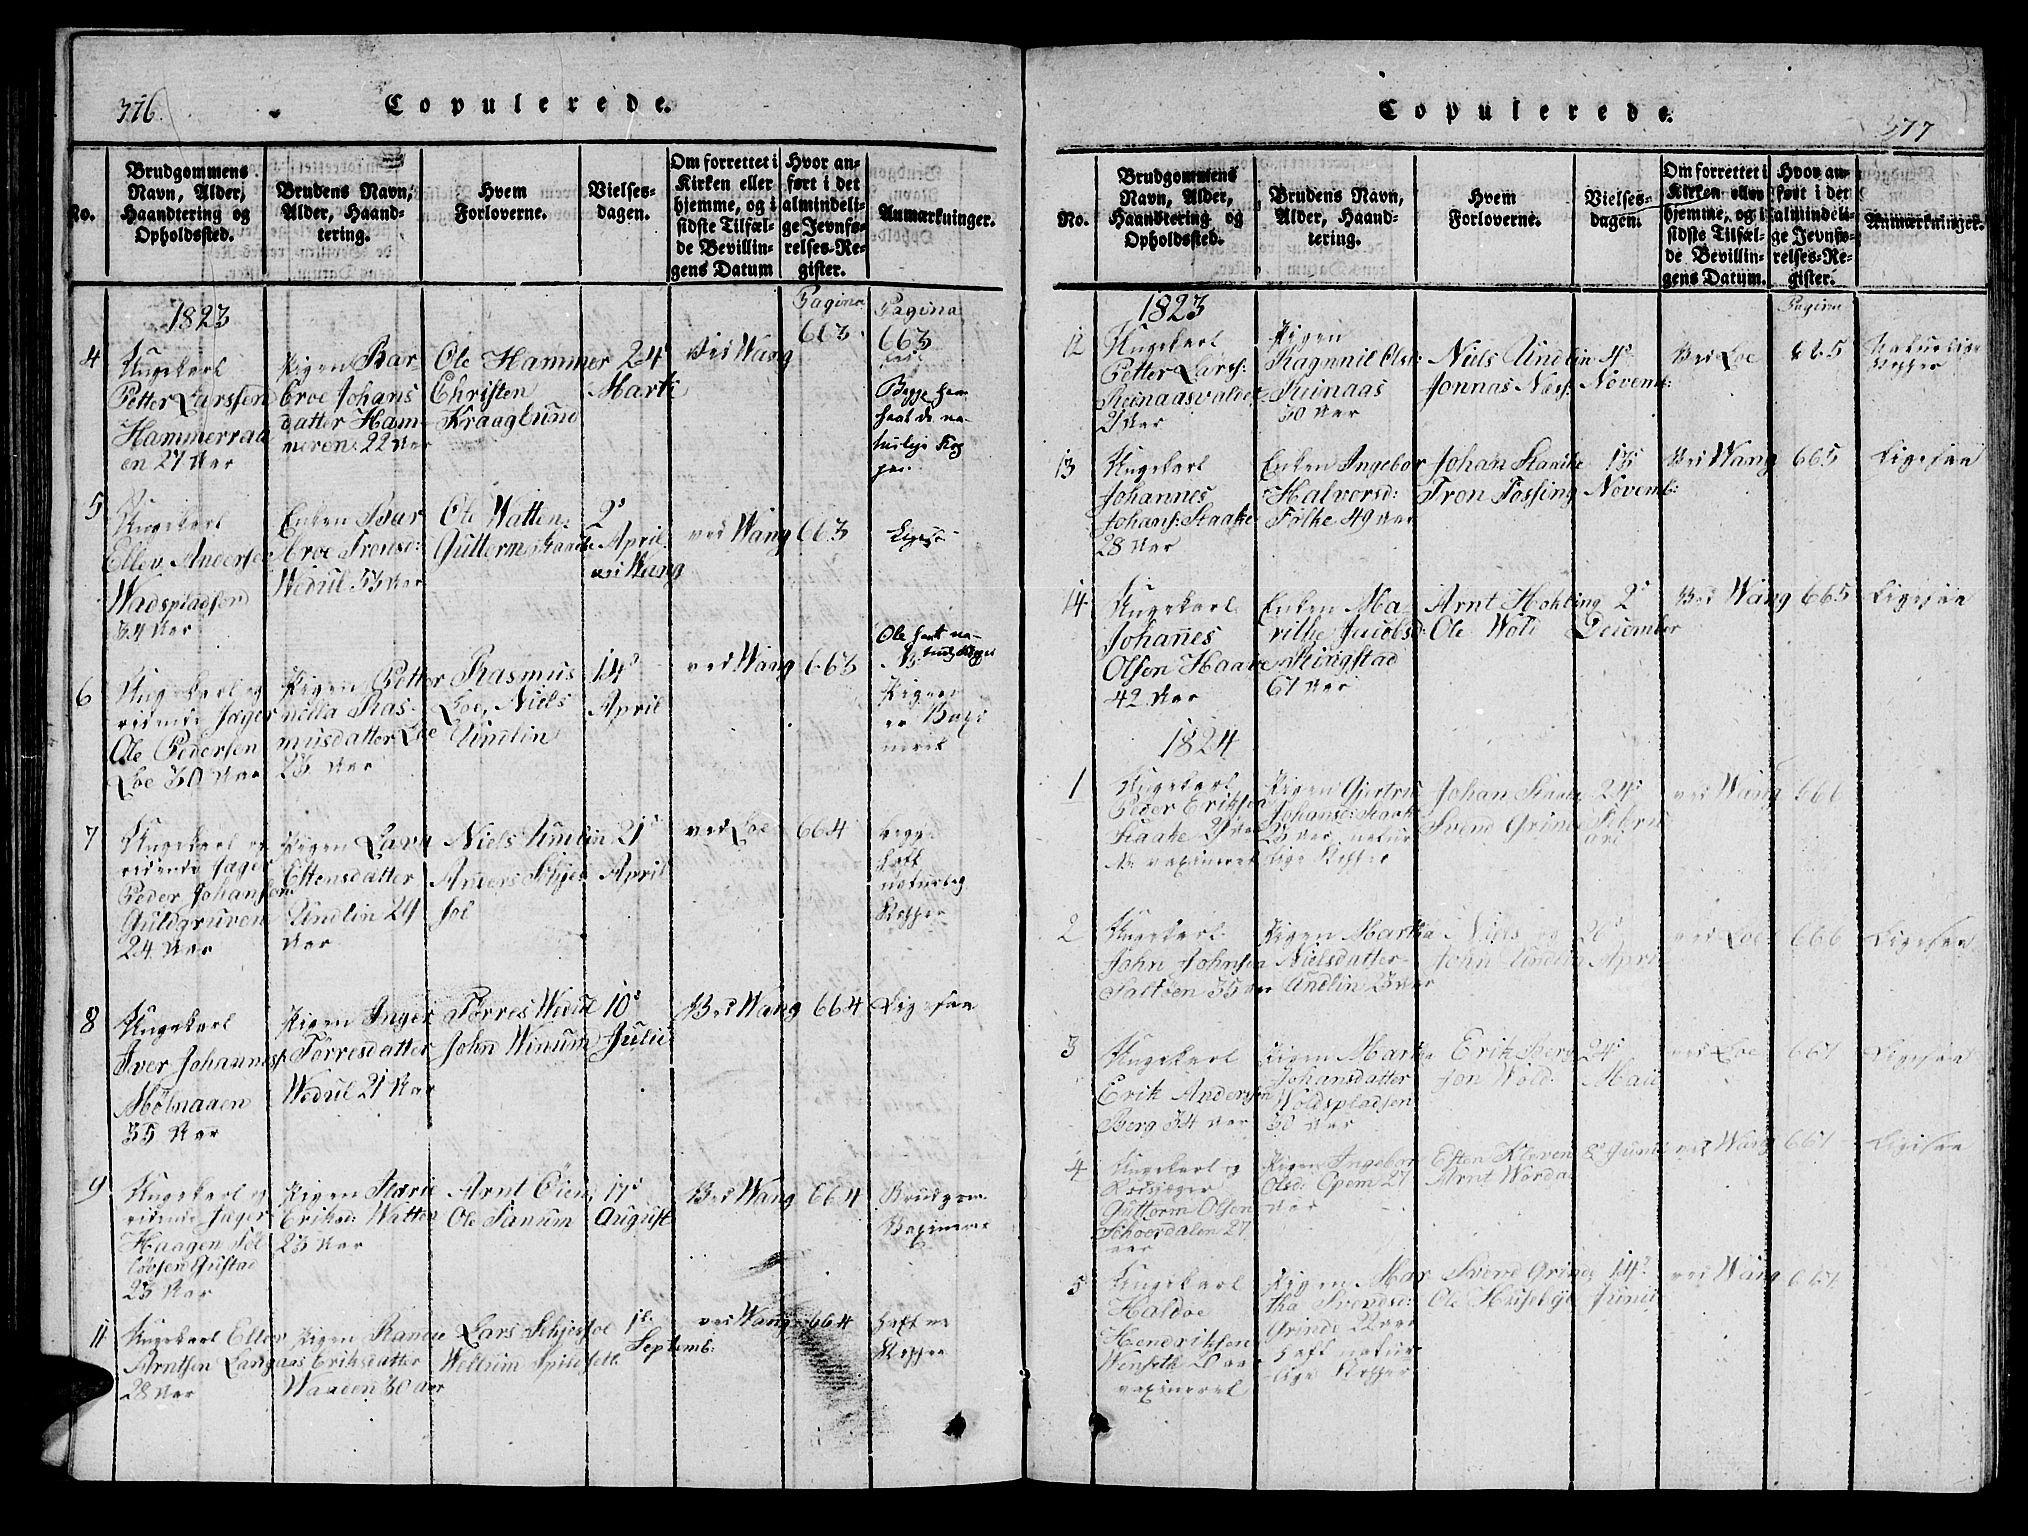 SAT, Ministerialprotokoller, klokkerbøker og fødselsregistre - Nord-Trøndelag, 714/L0132: Klokkerbok nr. 714C01, 1817-1824, s. 376-377